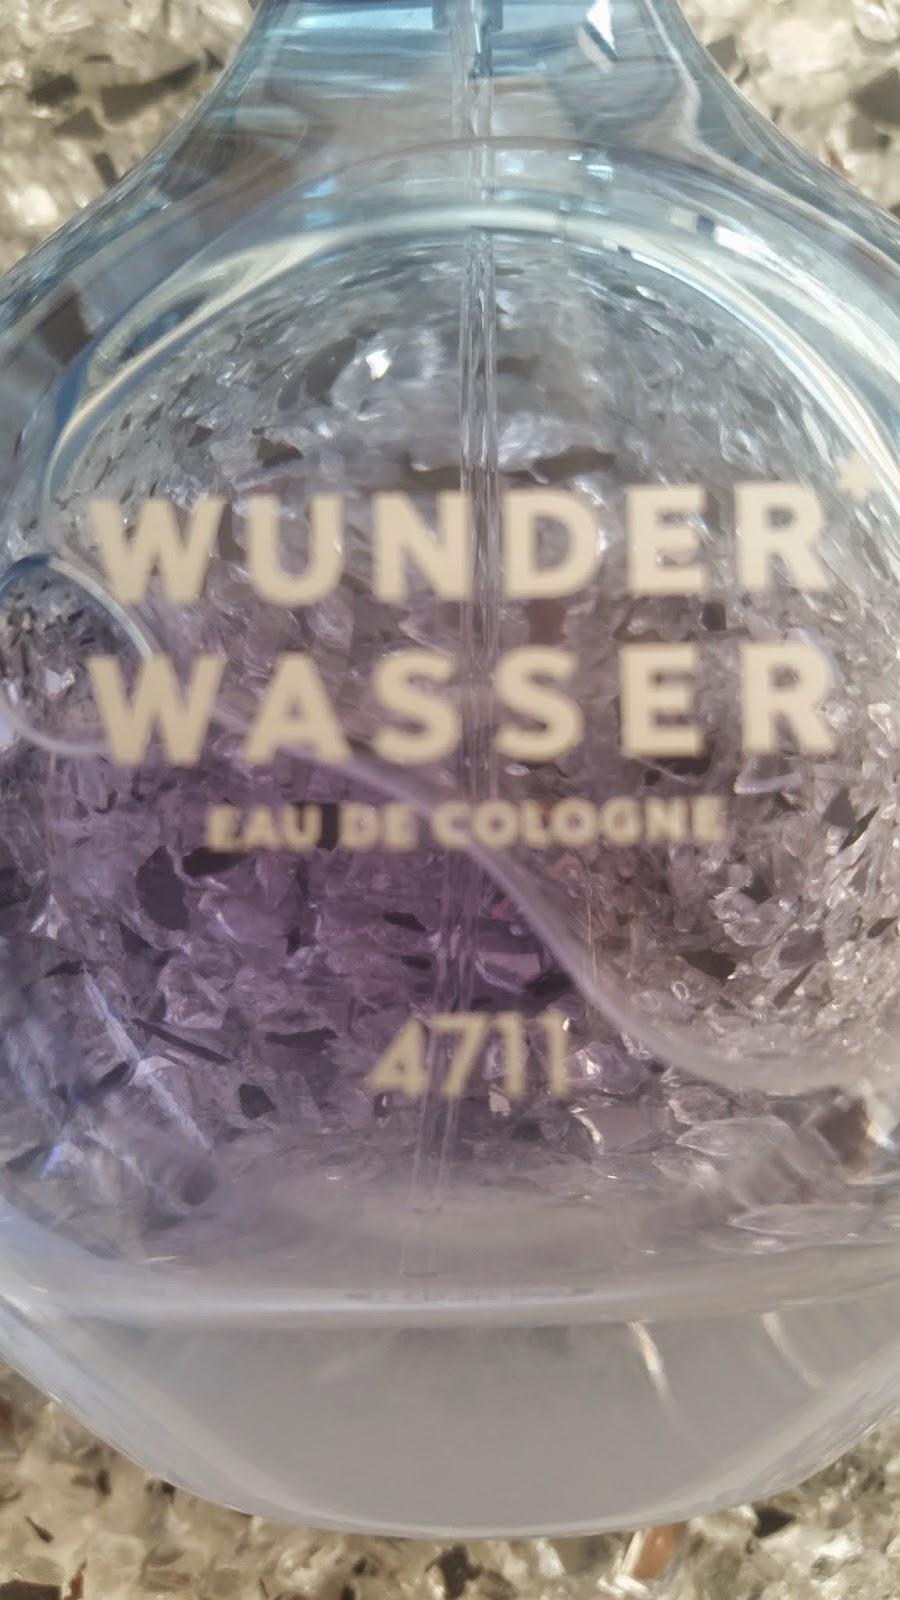 Wunderwasser von 4711 - www.annitschkasblog.de